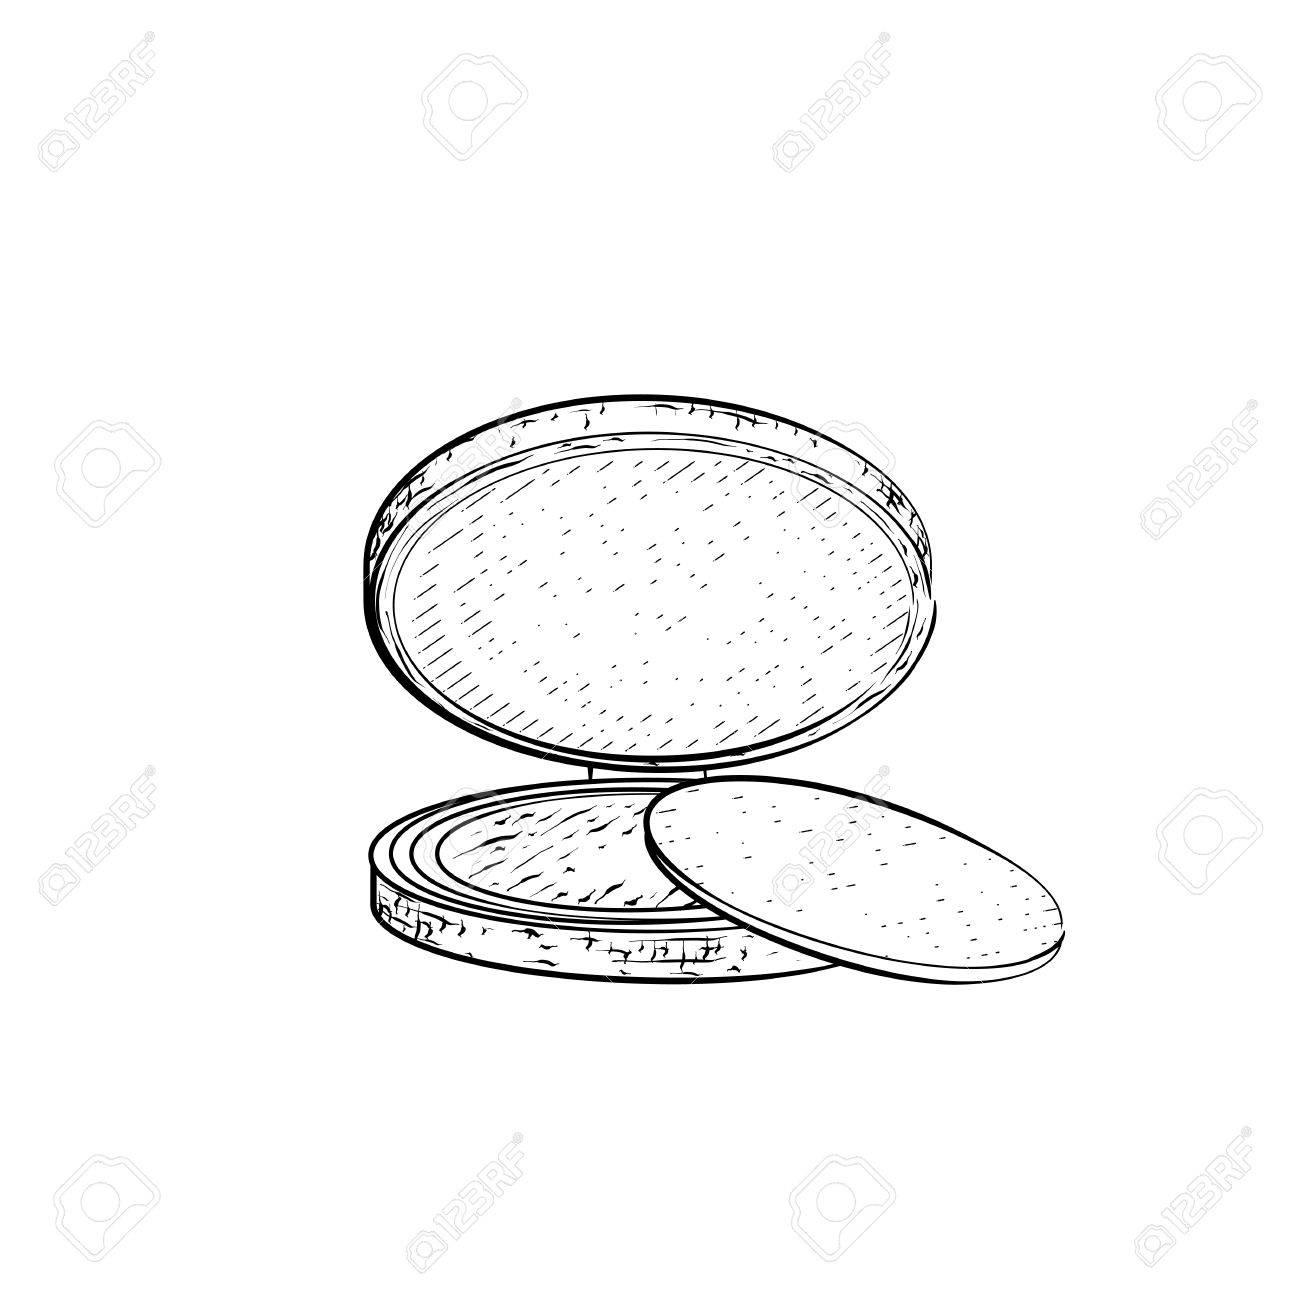 1300x1300 Hand Drawn Powder. Detailed Sketch Of Powder Or Eyeshadow Icon